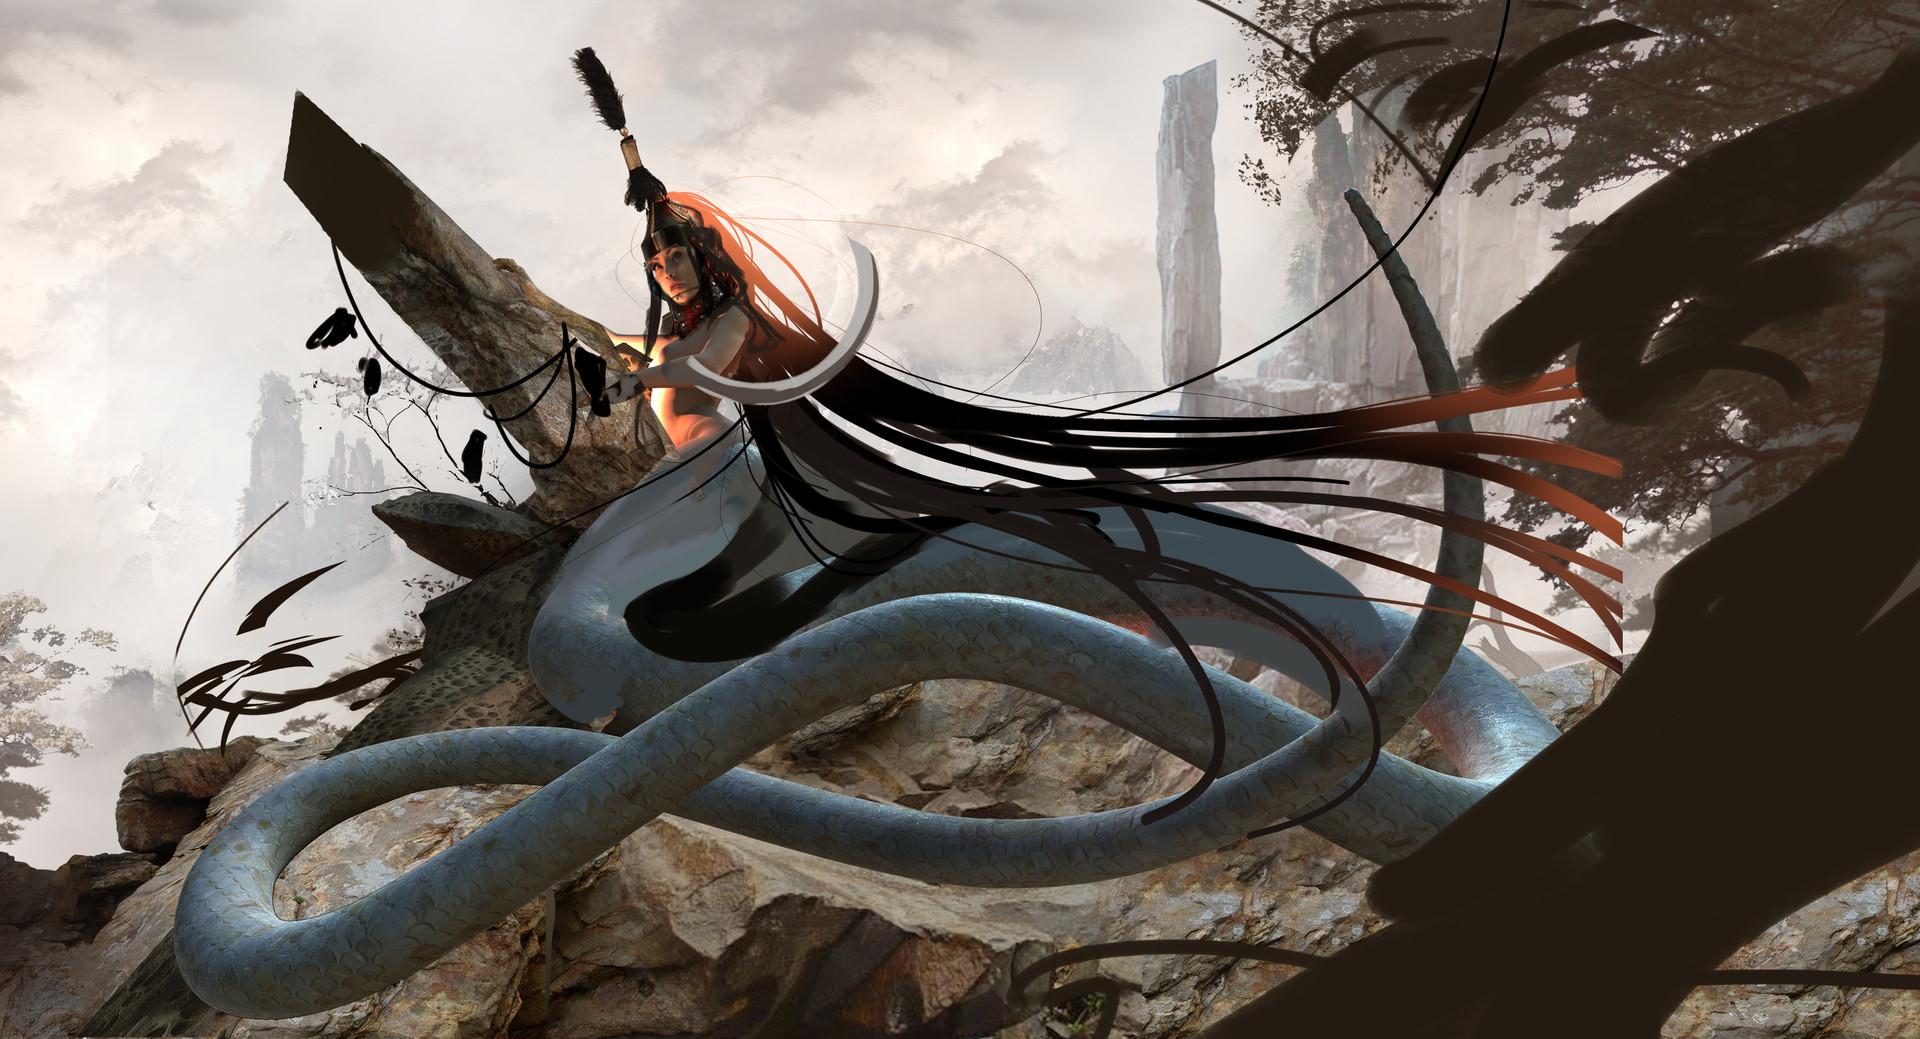 Magdalena radziej snake lady2